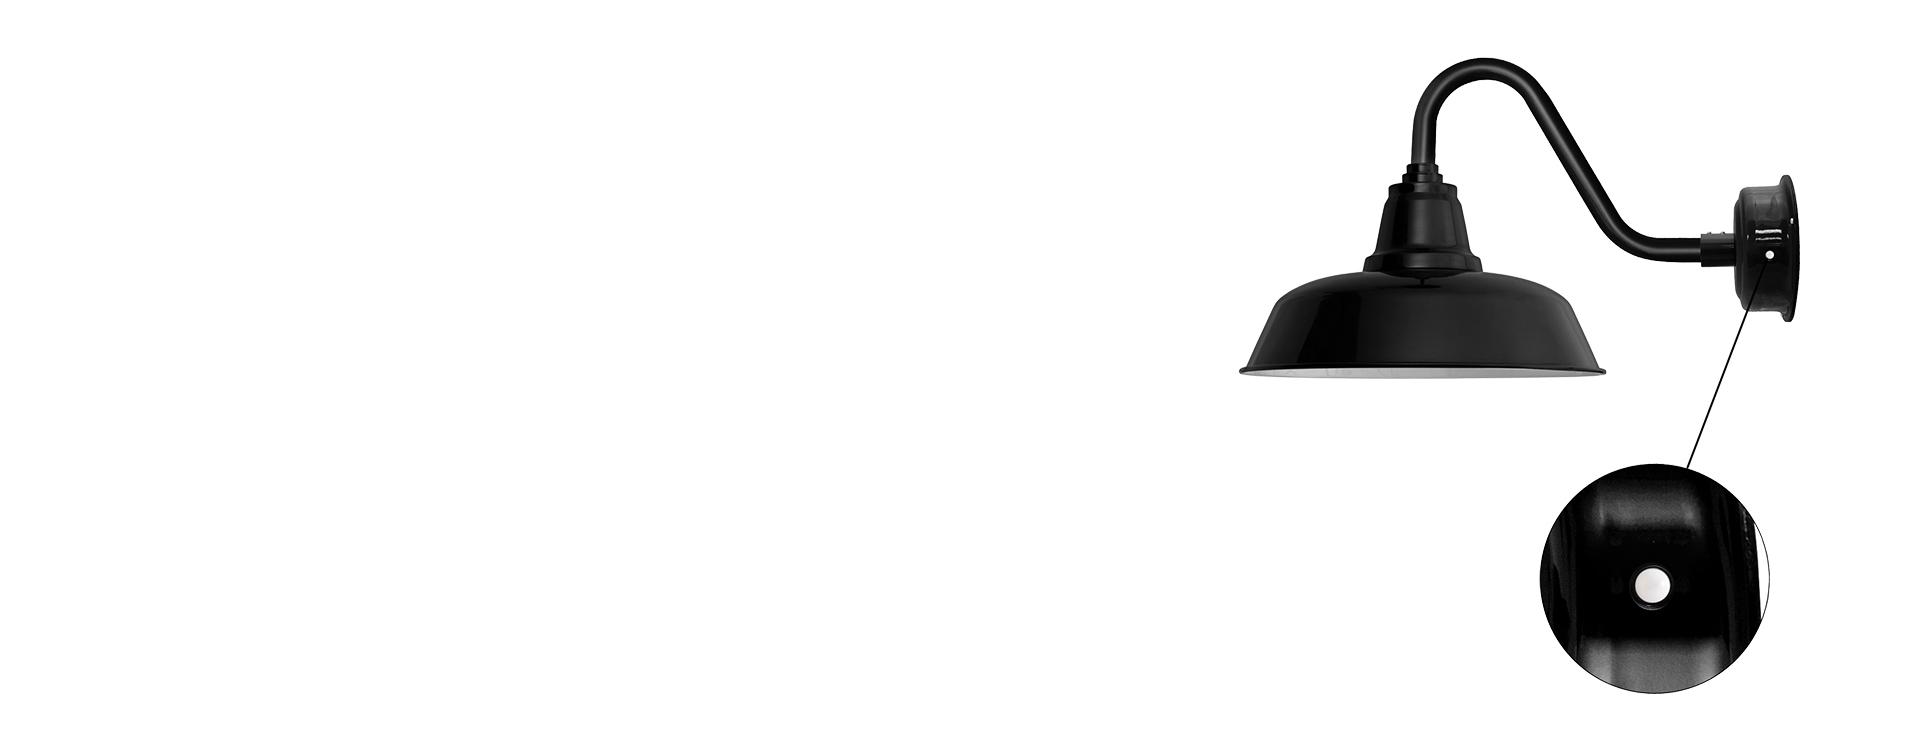 Goodyear LED Barn Light motion